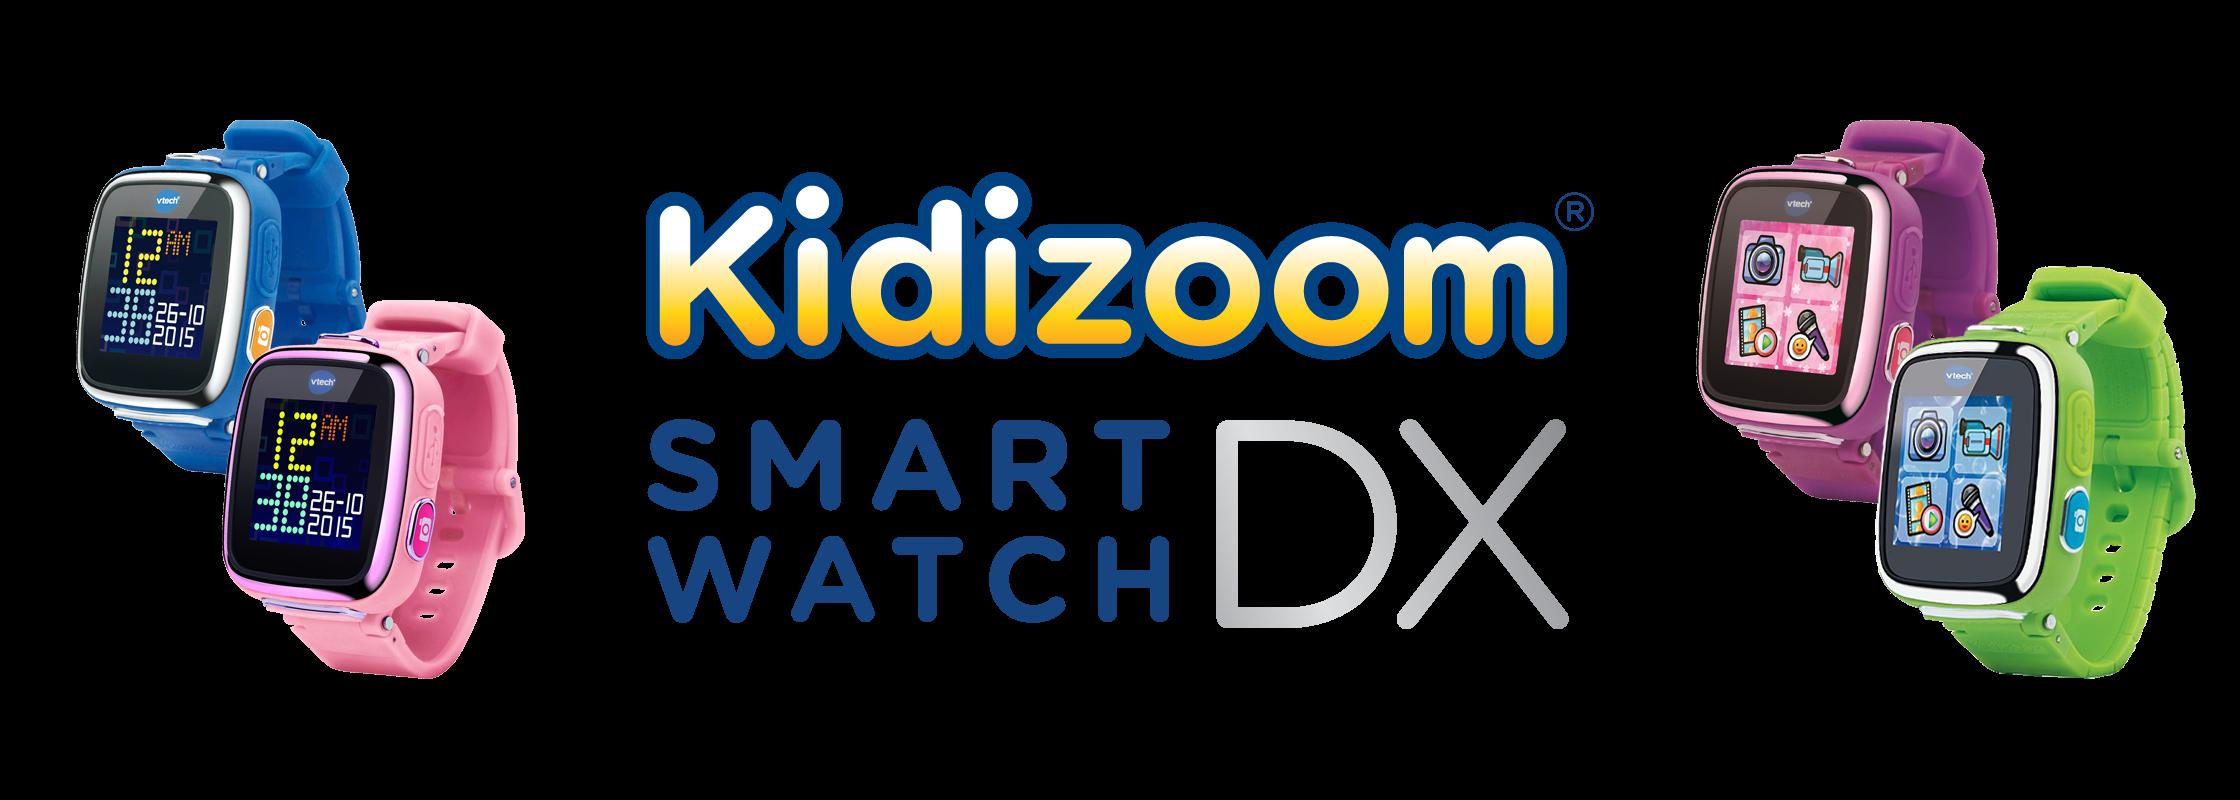 ef0bb758904 O Kidizoom Smart Watch é muito mais que um simples relógio! Para além de  dar as horas